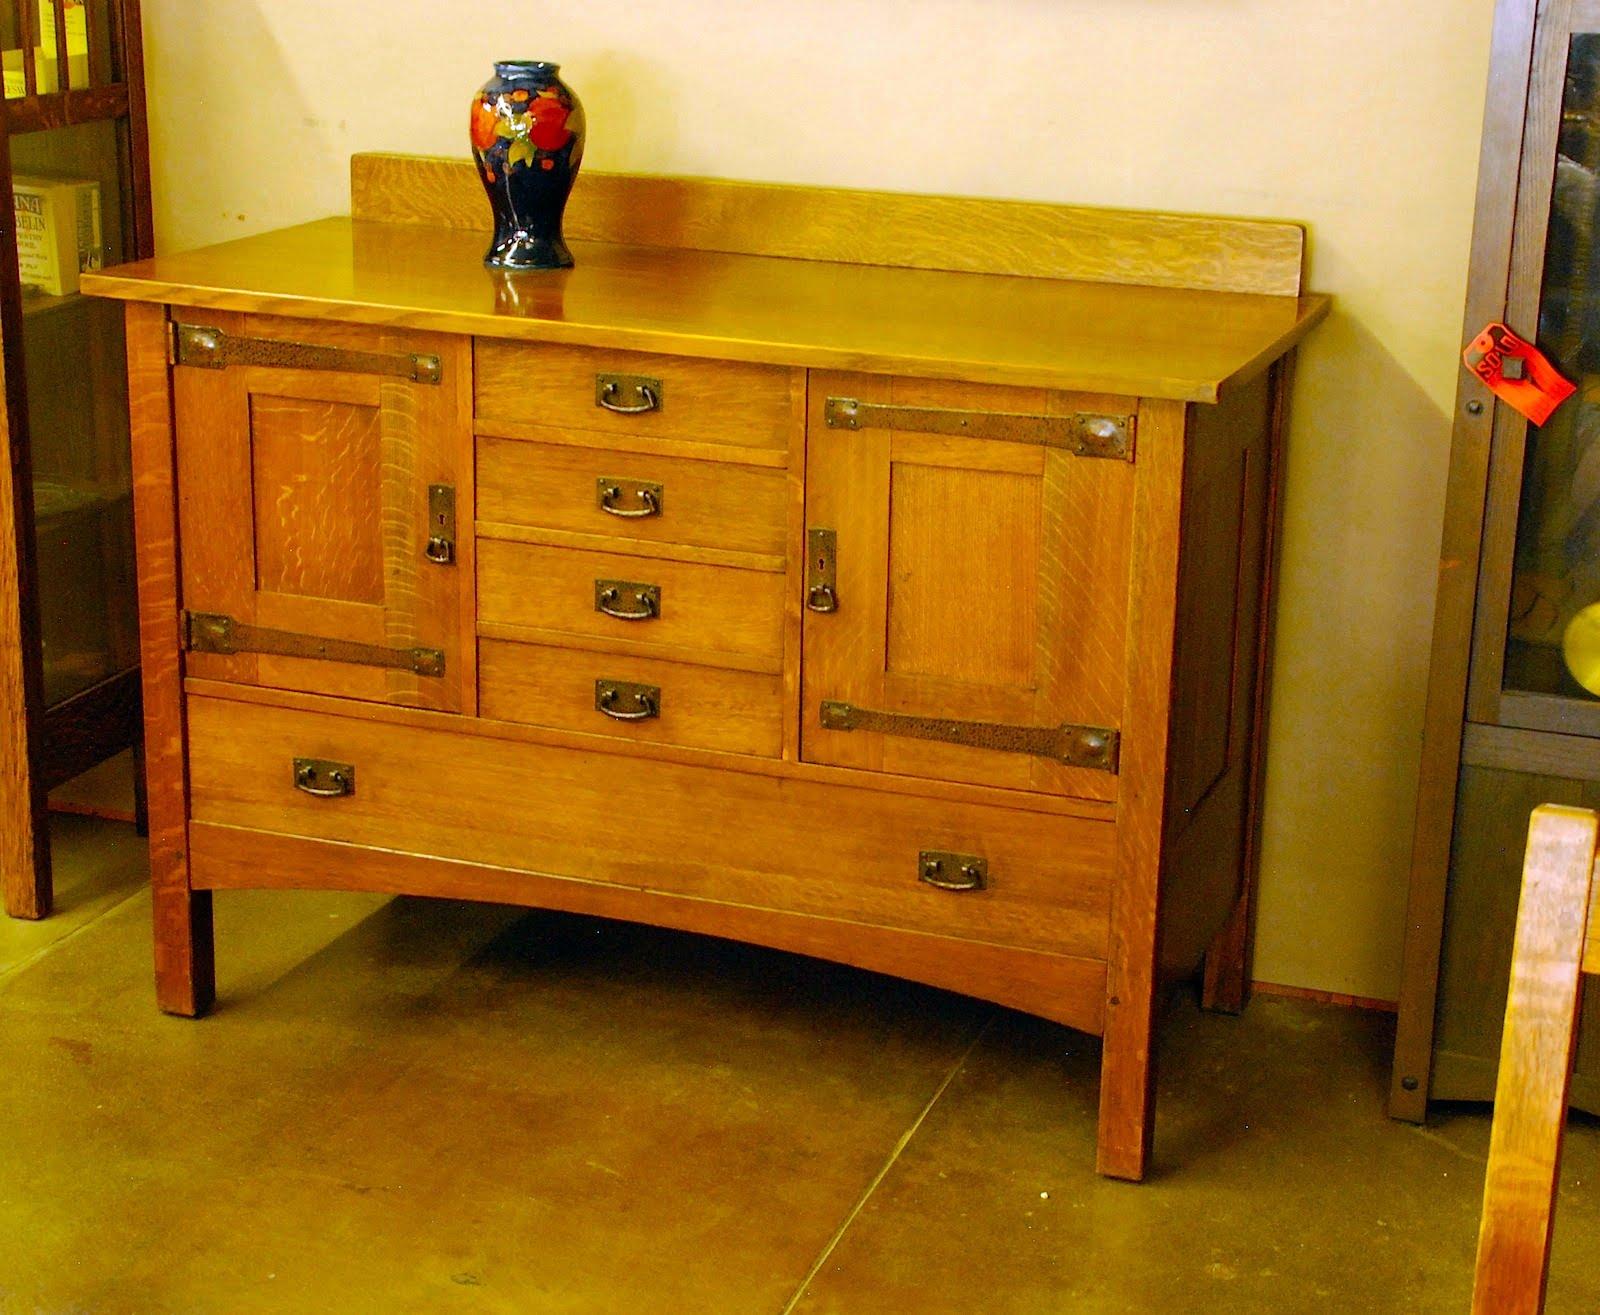 Voorhees Craftsman Mission Oak Furniture Original L J G Stickley Strap Hinge Sideboard Buffet